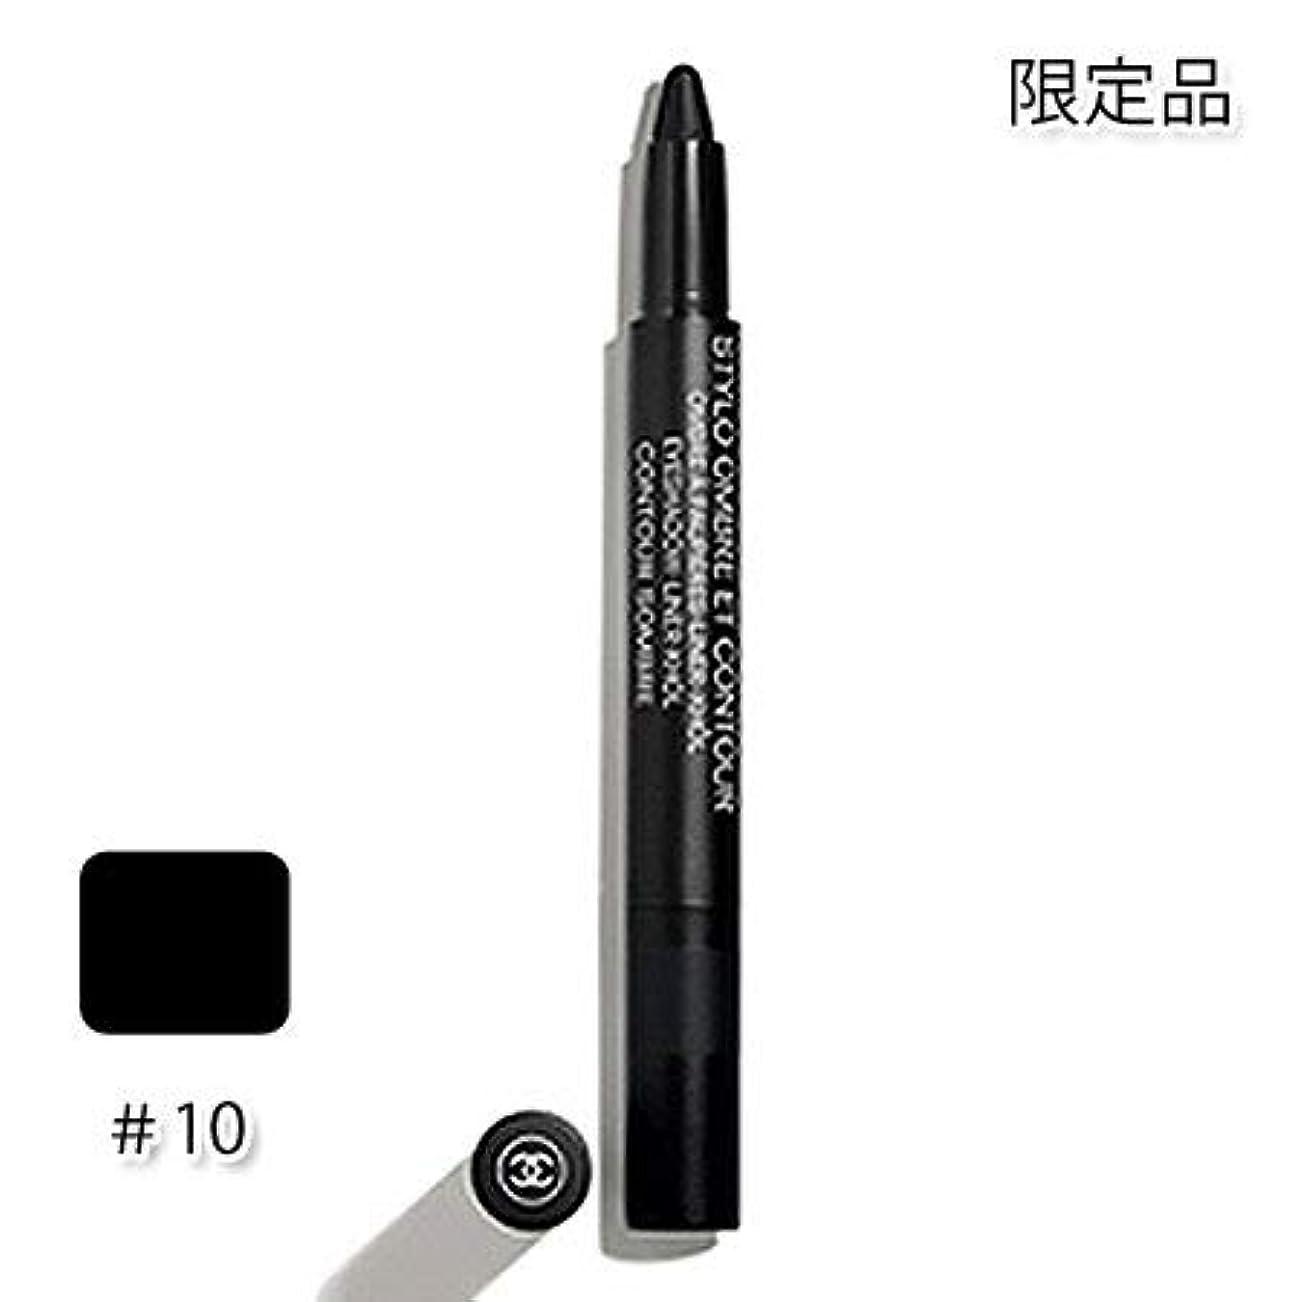 構成顔料シニスシャネル スティロ オンブル エ コントゥール 10 コントゥール ソンブル 限定品 -CHANEL-